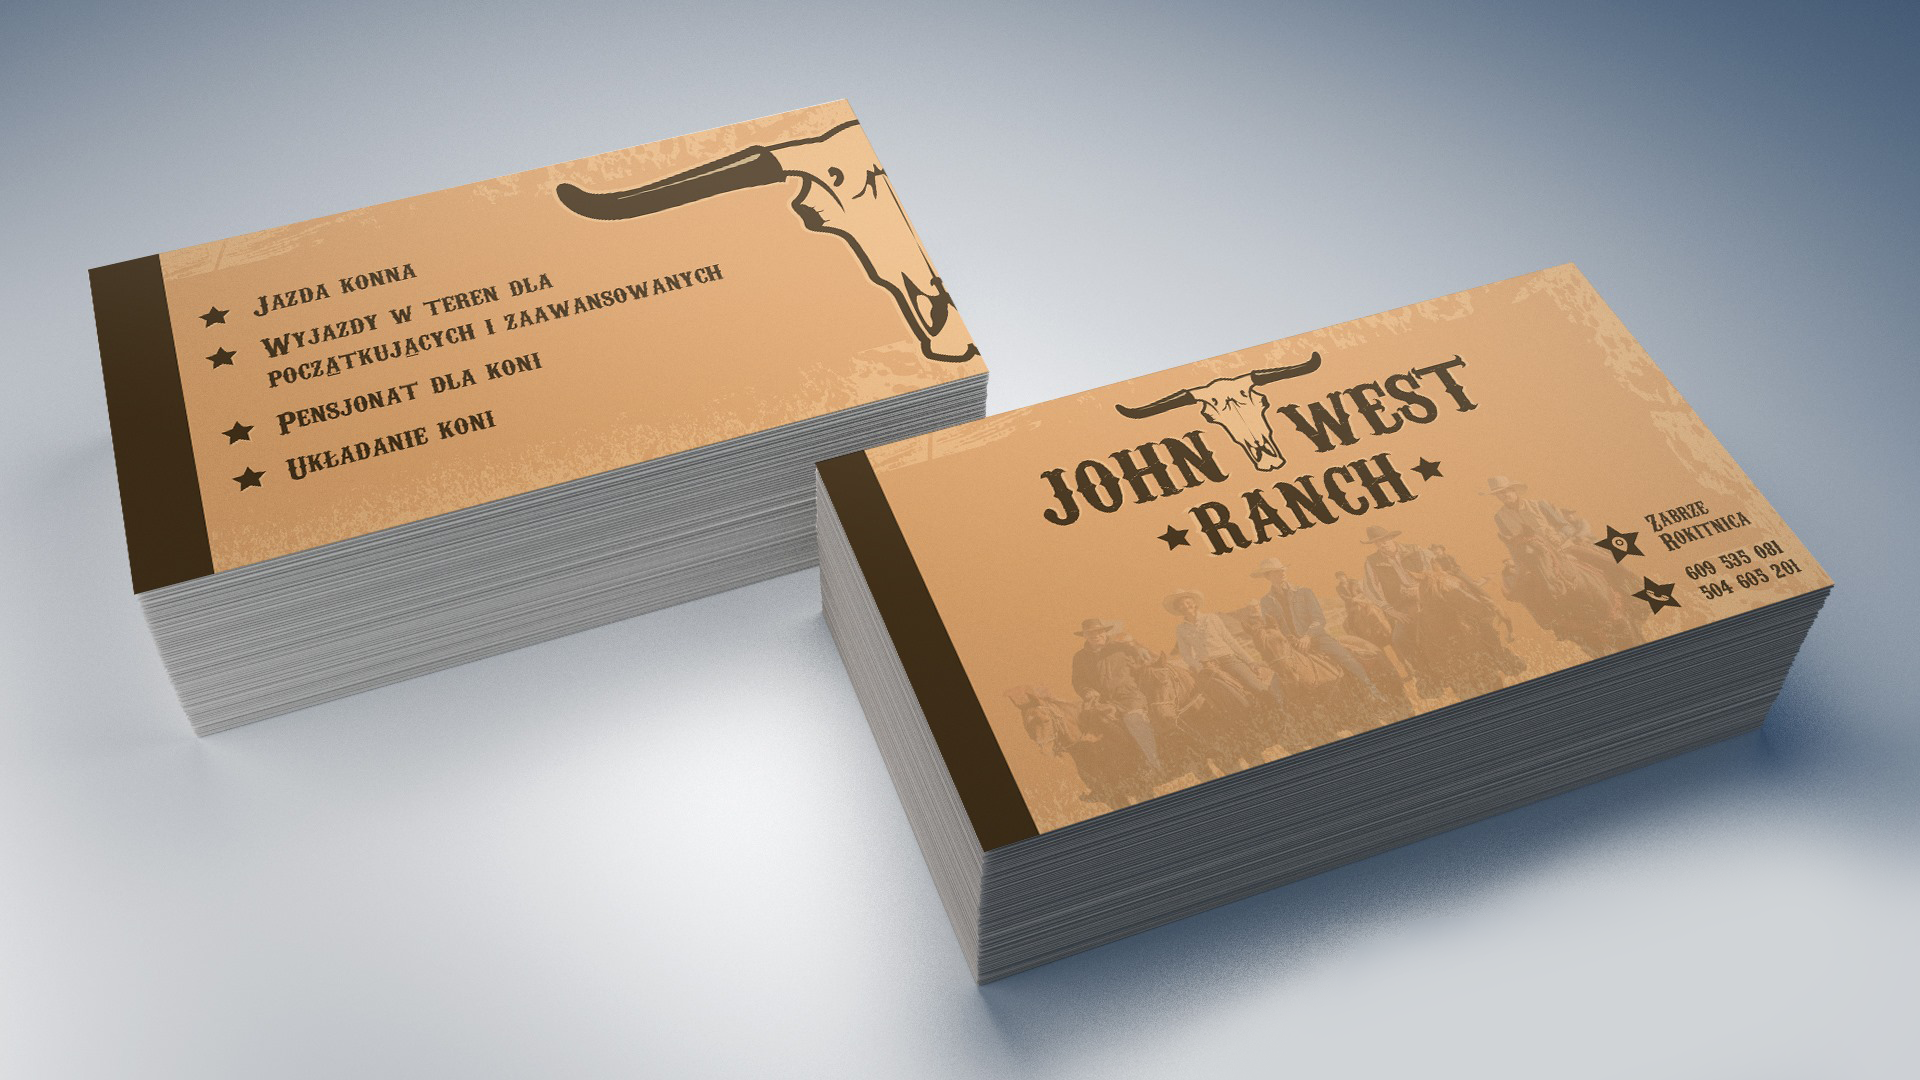 John West Ranch - Wizytówki